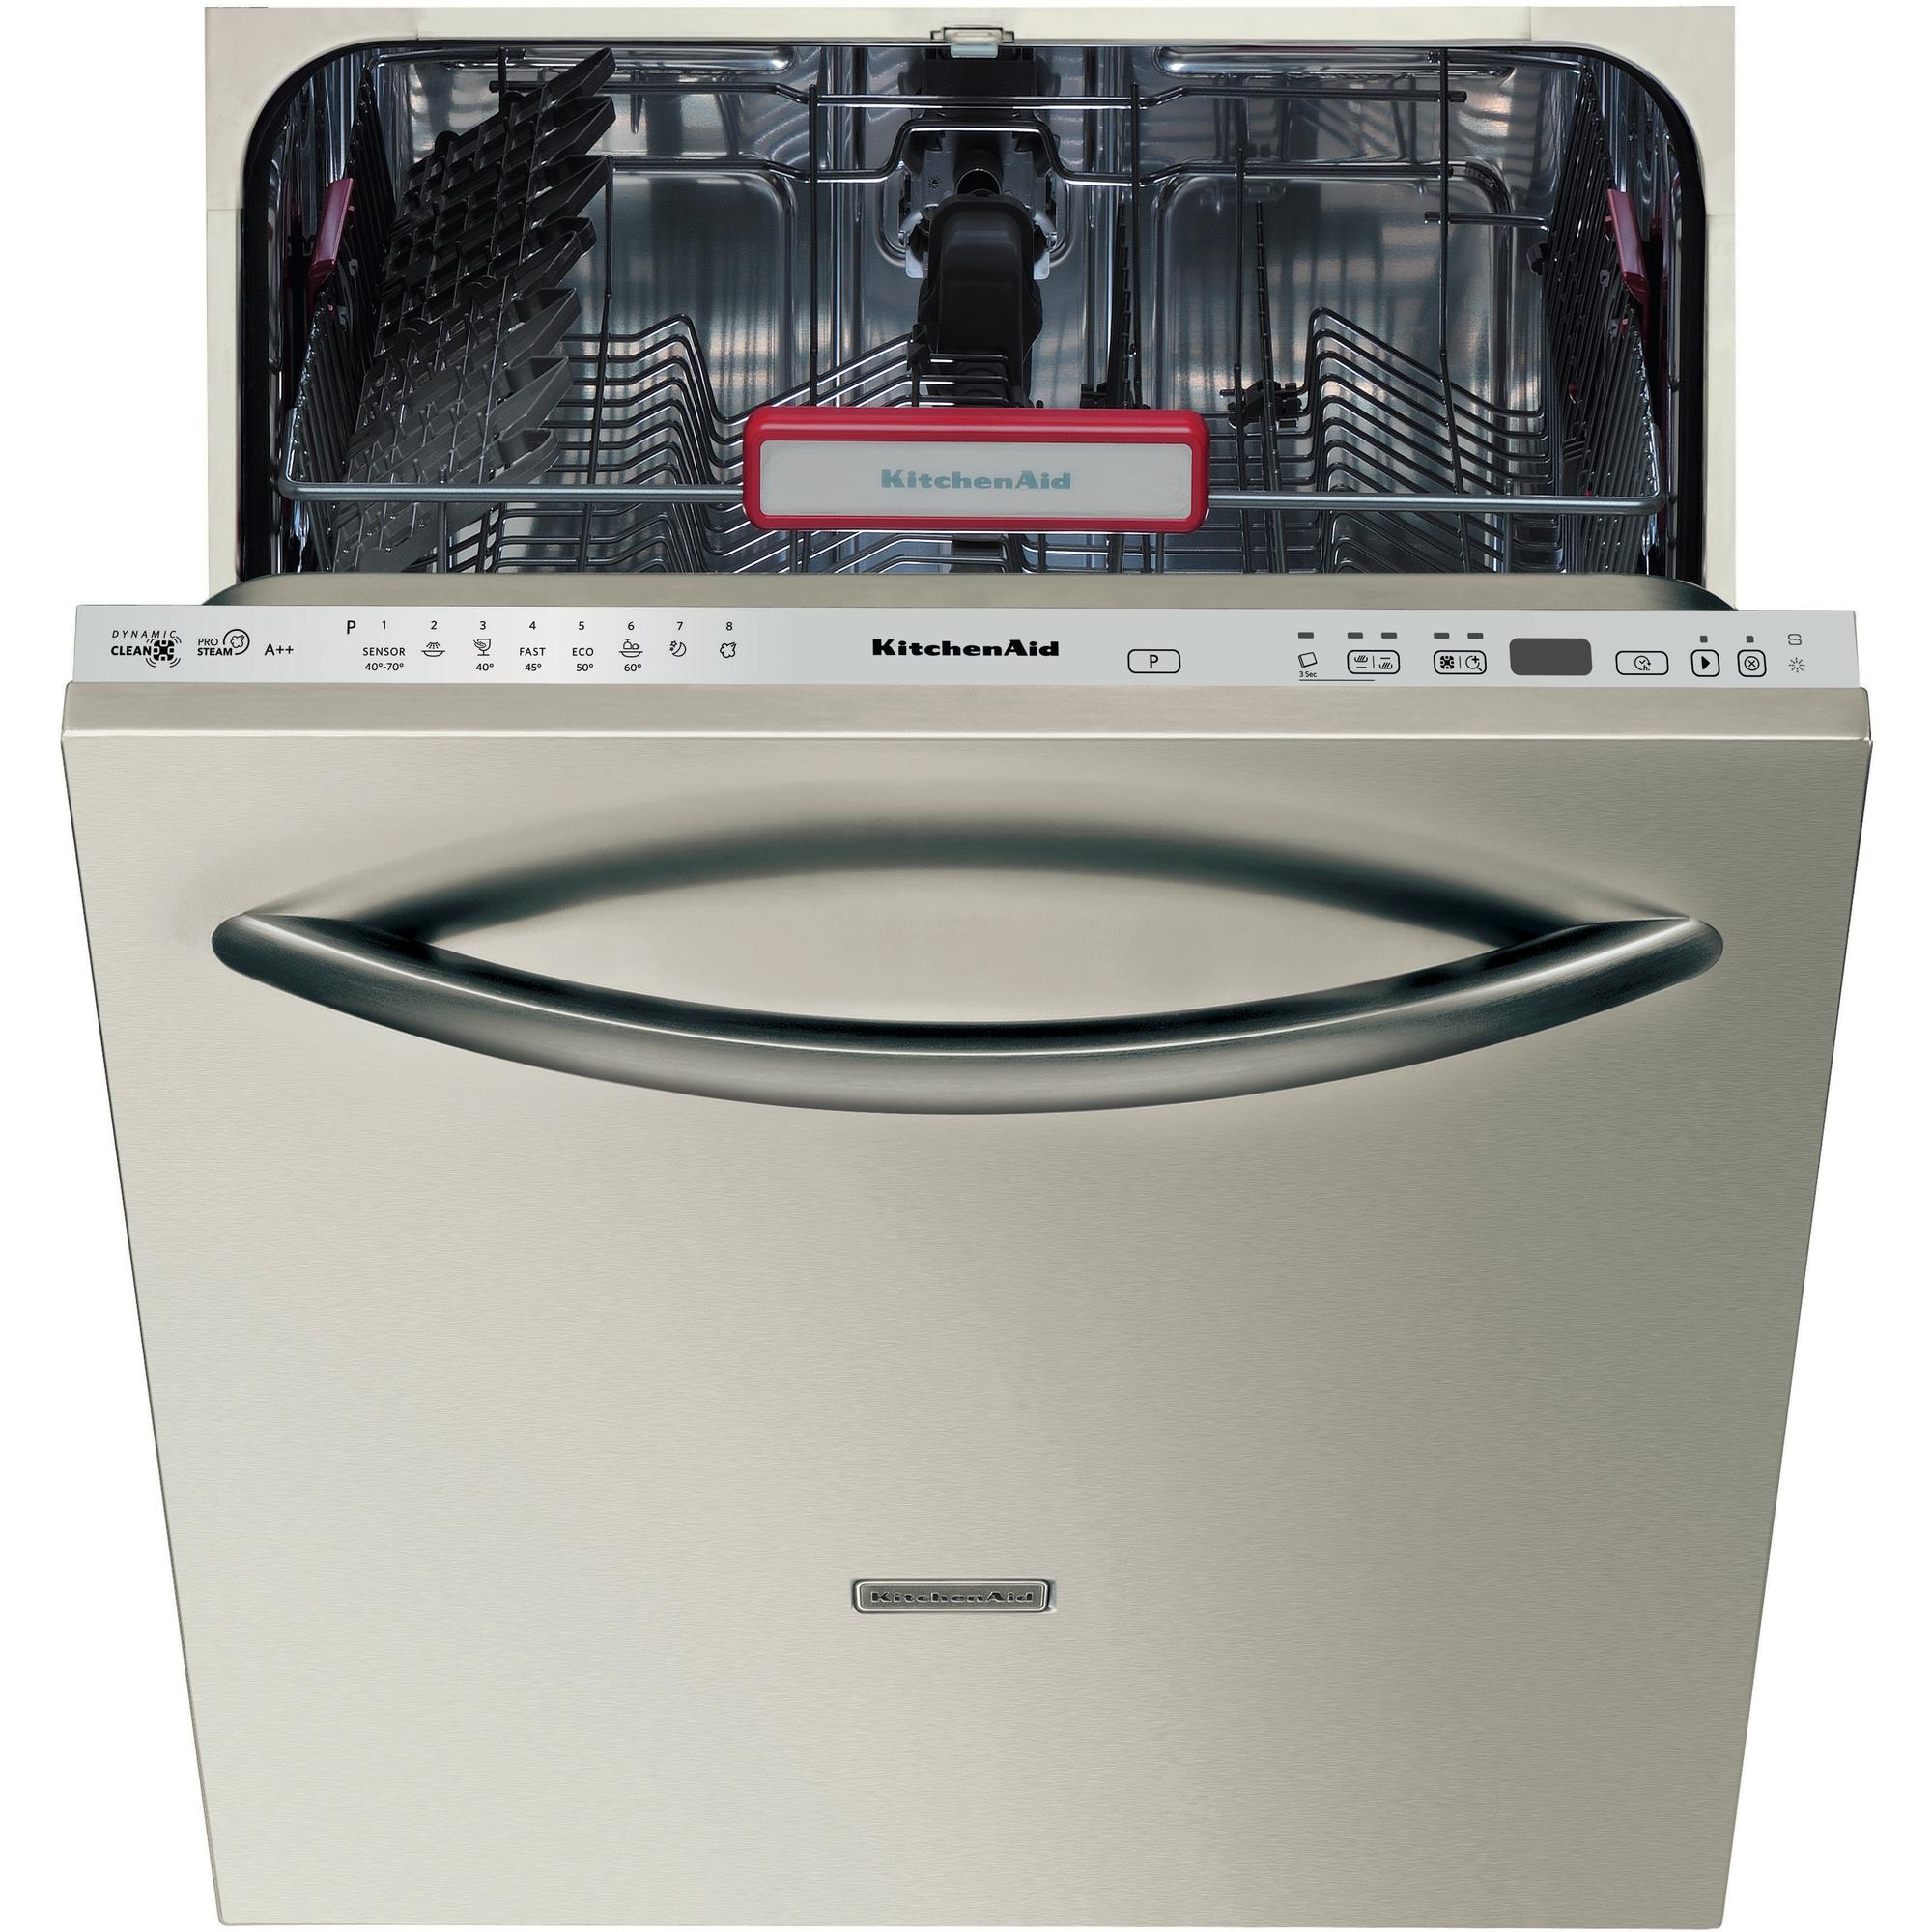 Lave Vaisselle Integrable Kdfx 6031 851363101000 Wer Lave Vaisselle Kitchenaid Lave Vaisselle Integrable Lave Vaisselle Vaisselle